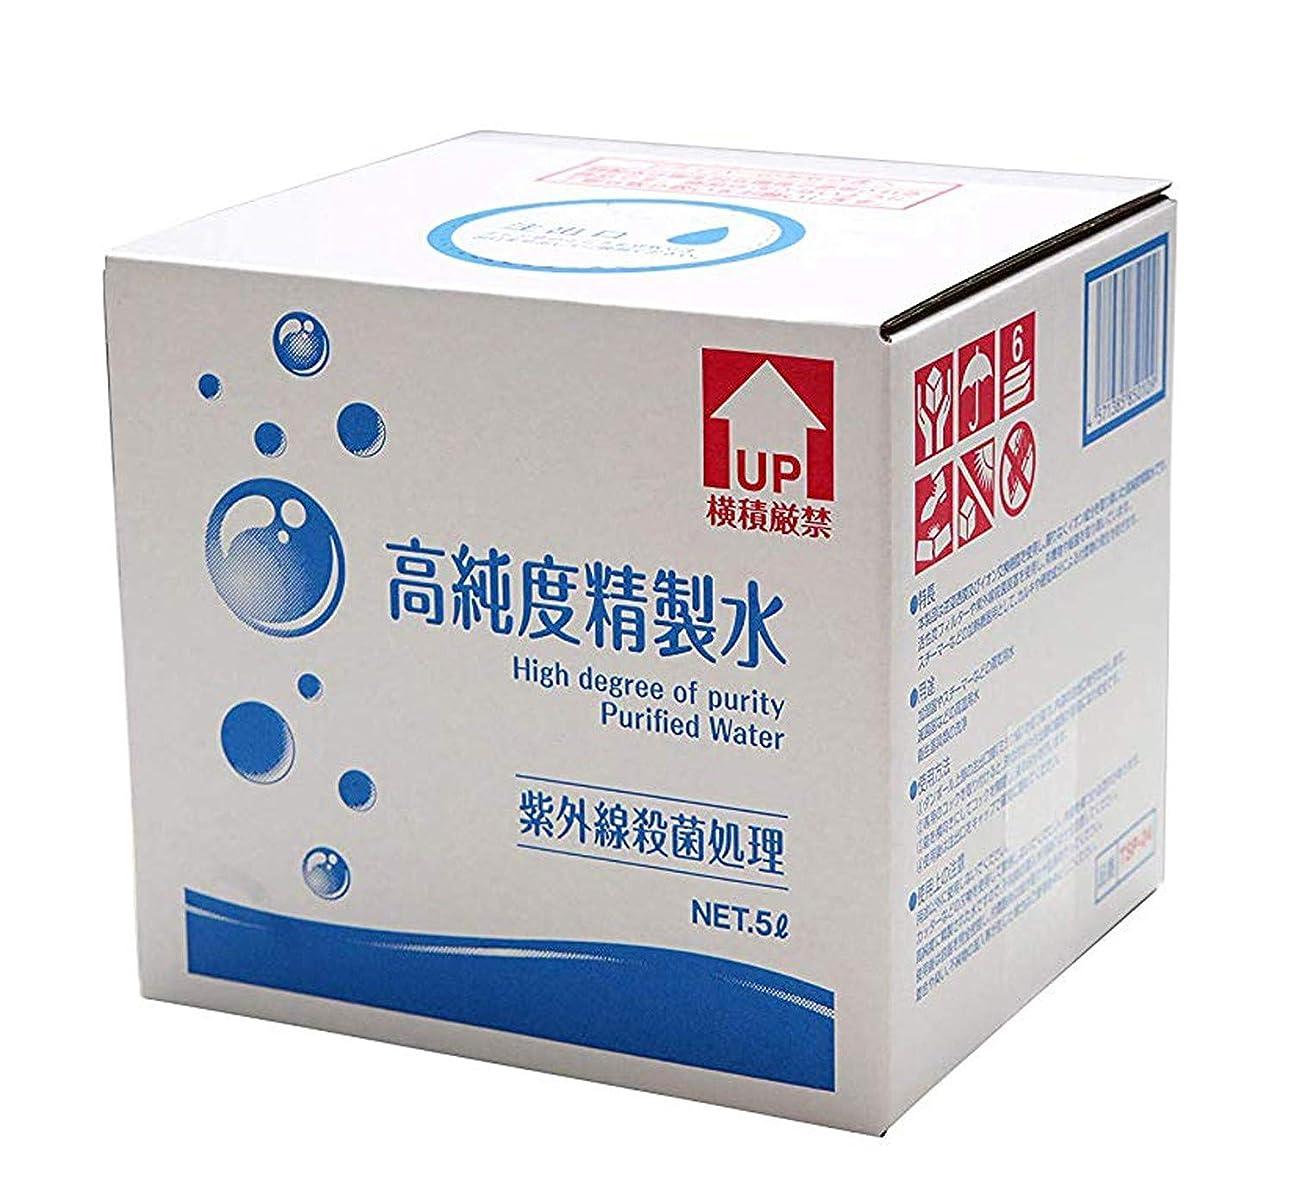 高度なリフトバナーサンエイ化学 高純度 精製水 [ 5L 1箱 : コック付き ] (加湿器/化粧用) 手作り化粧水 精製用 箱入り 完全密封 日本産 純水